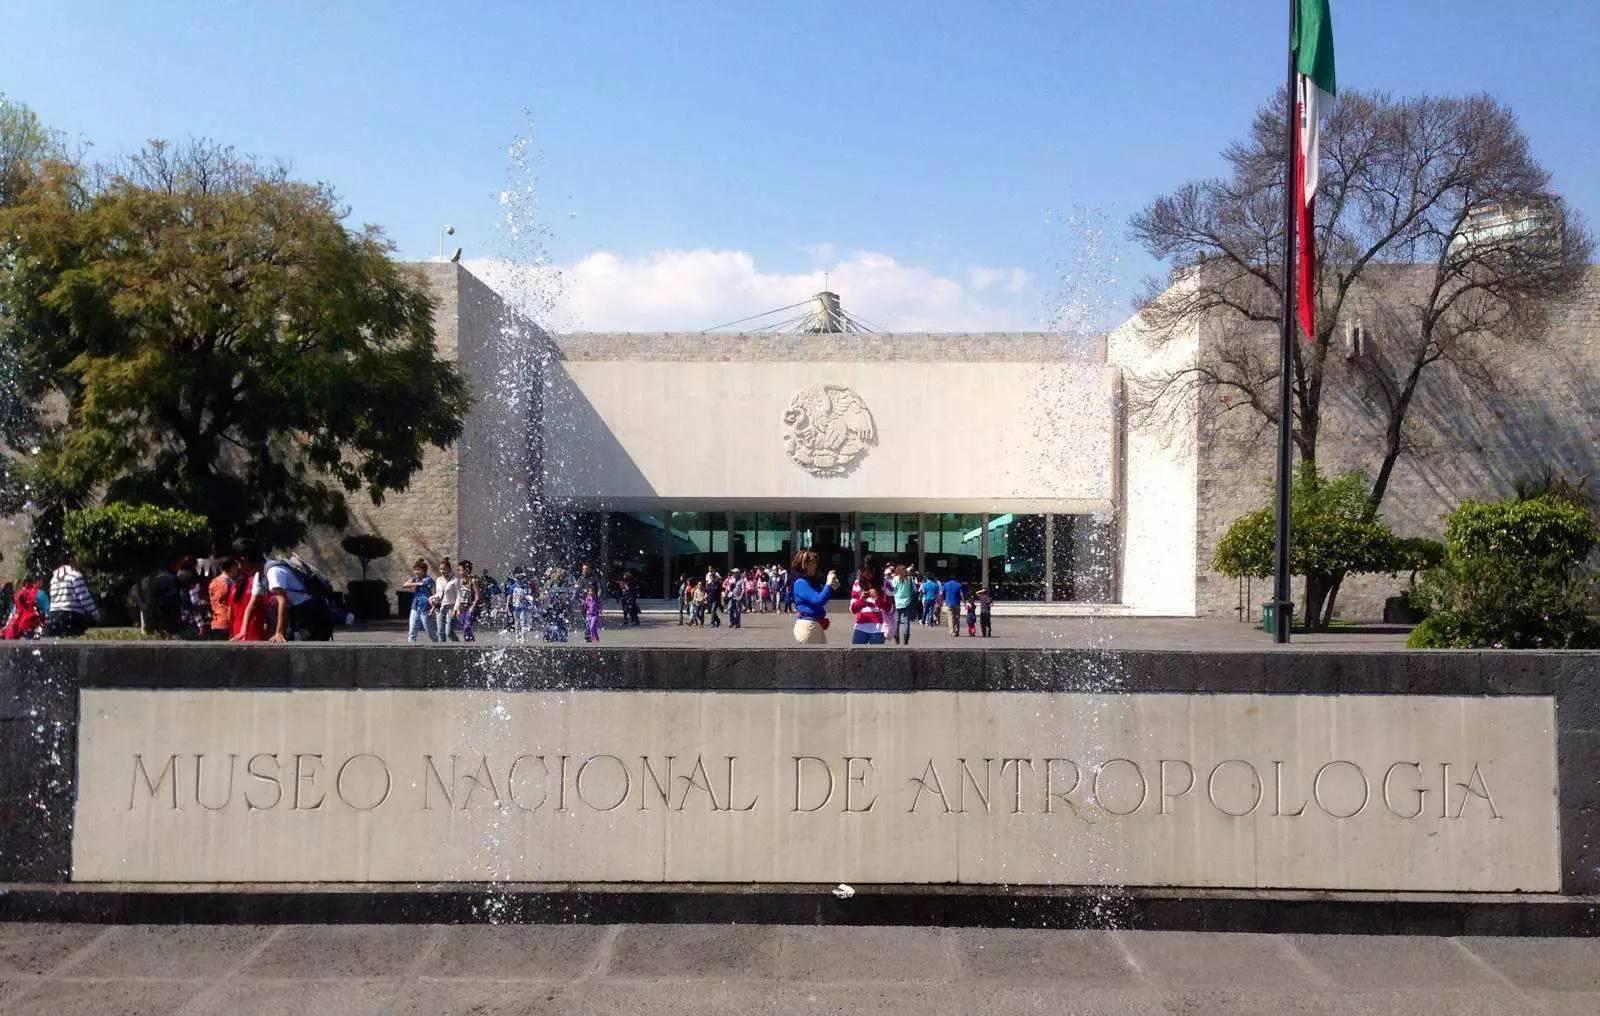 墨西哥国立人类学博物馆